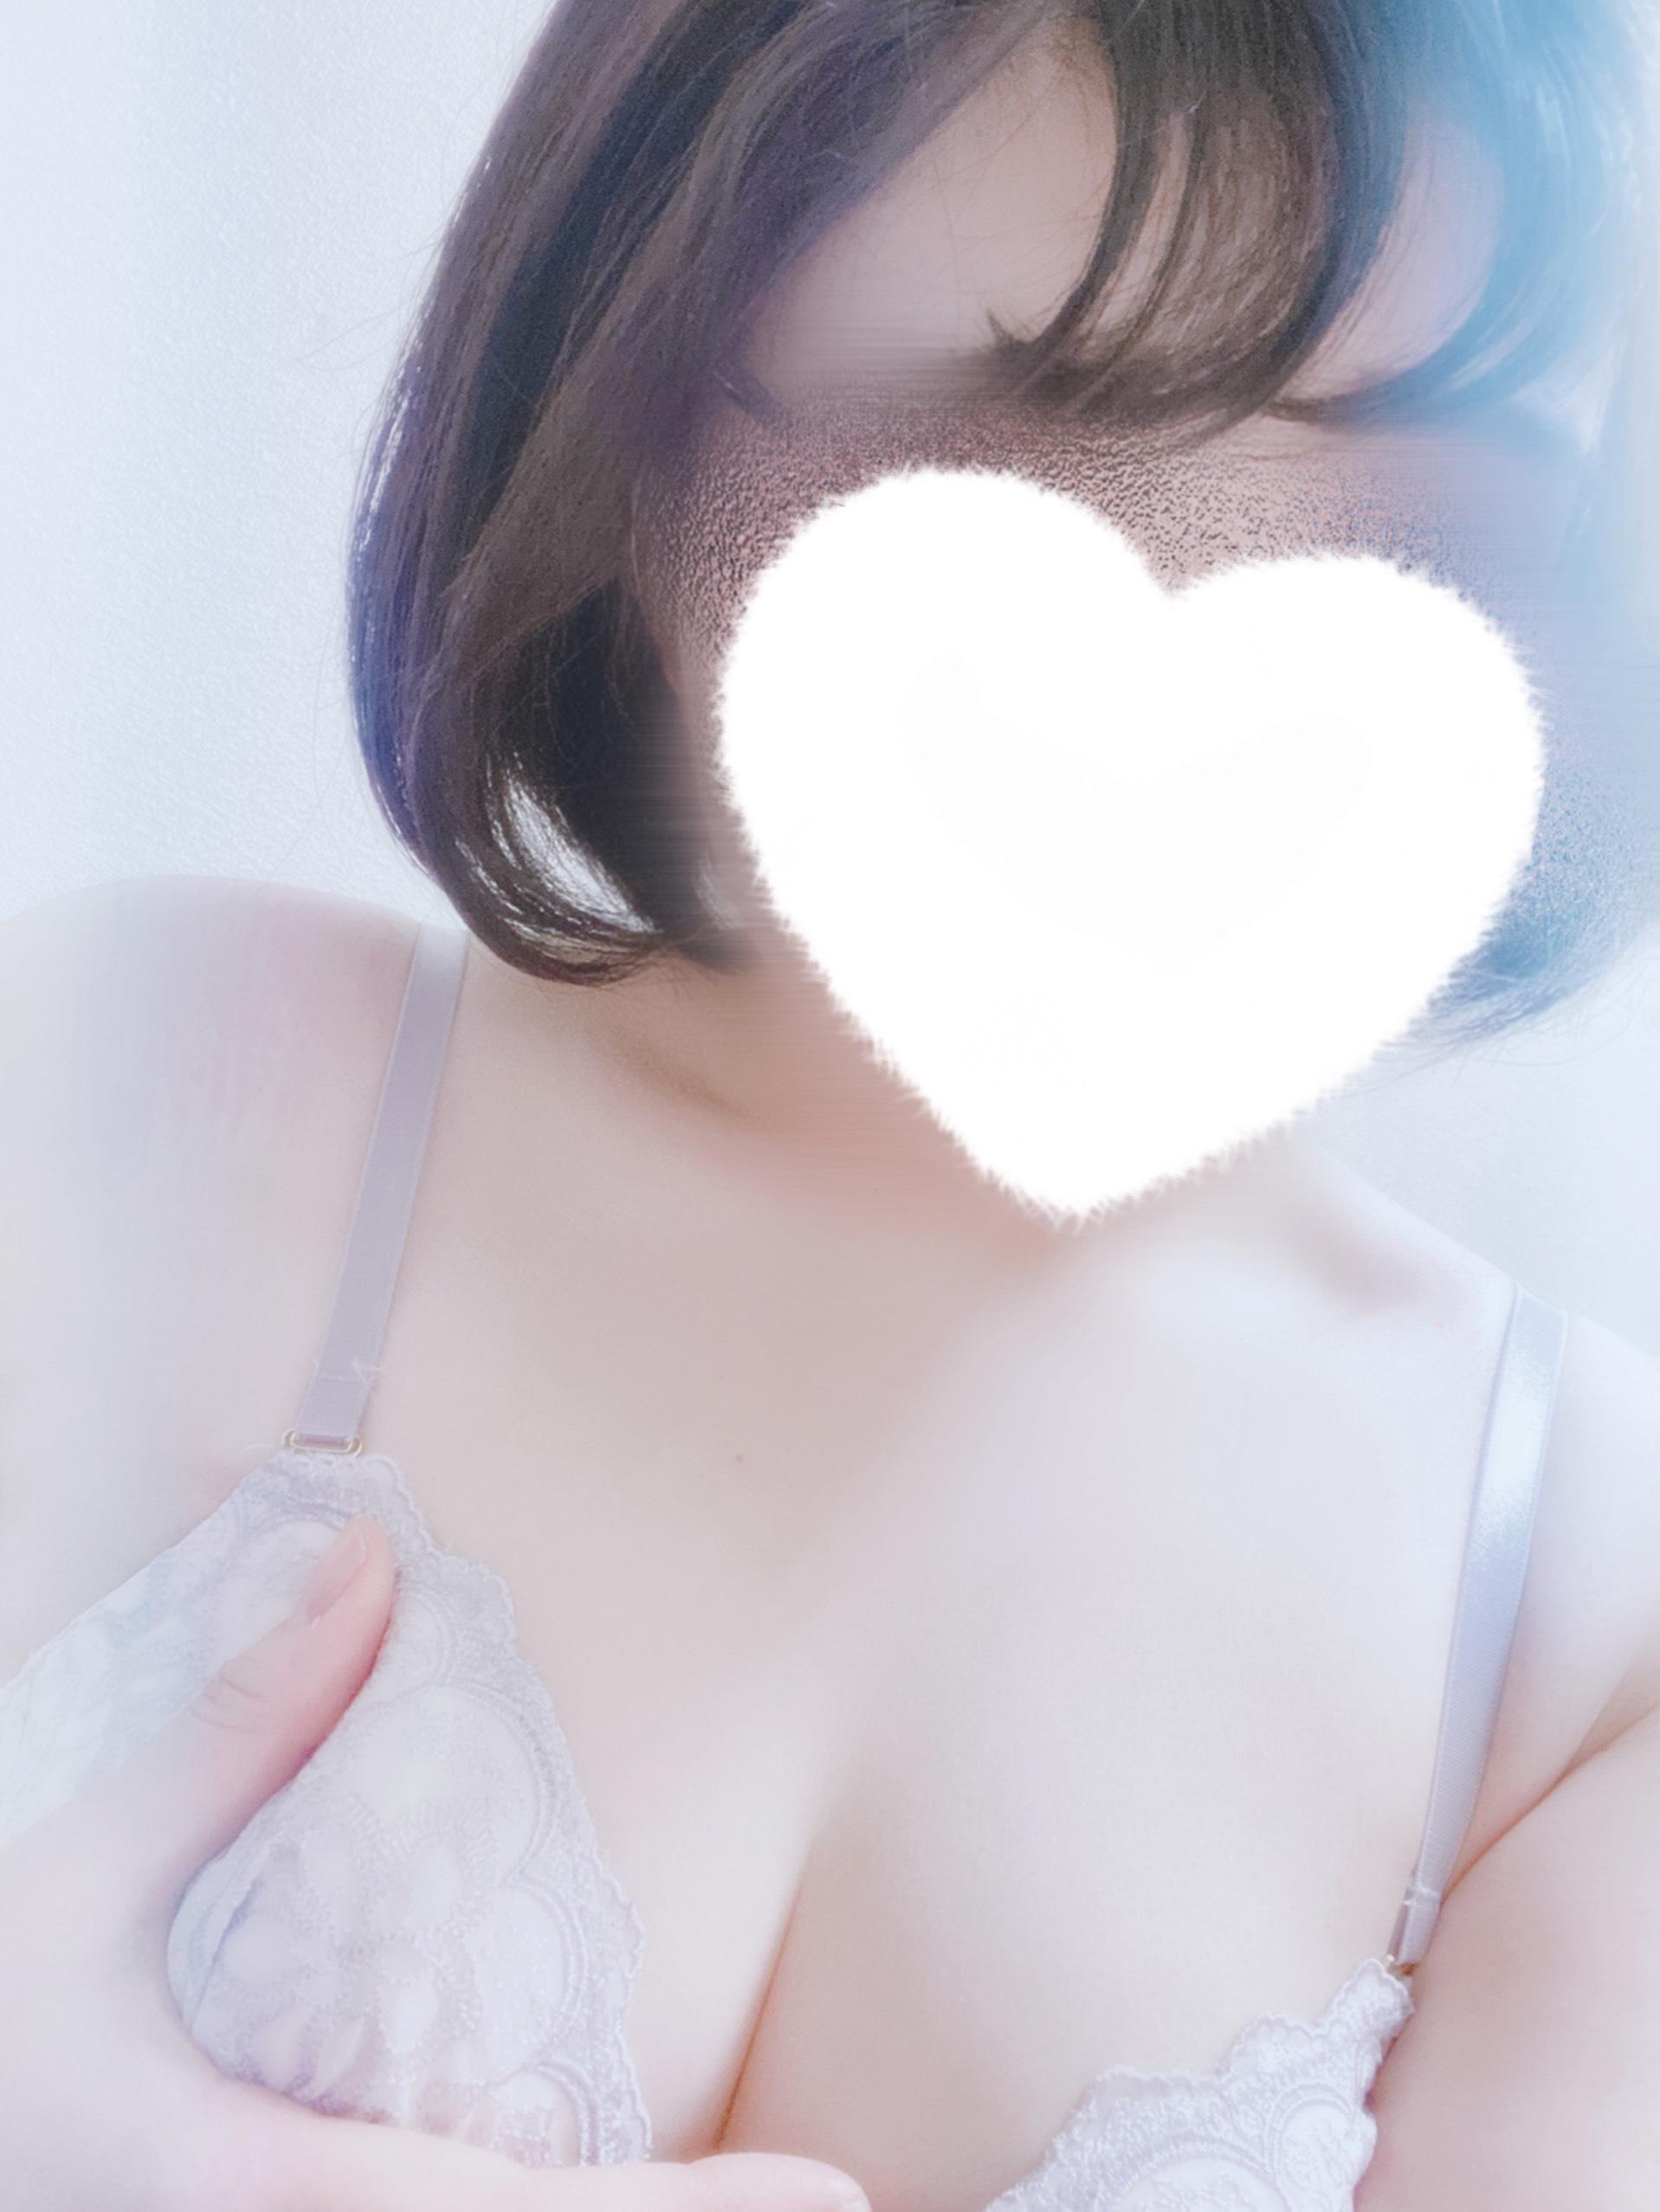 「また会う時まで~」11/26日(木) 04:23 | ゆうなの写メ・風俗動画